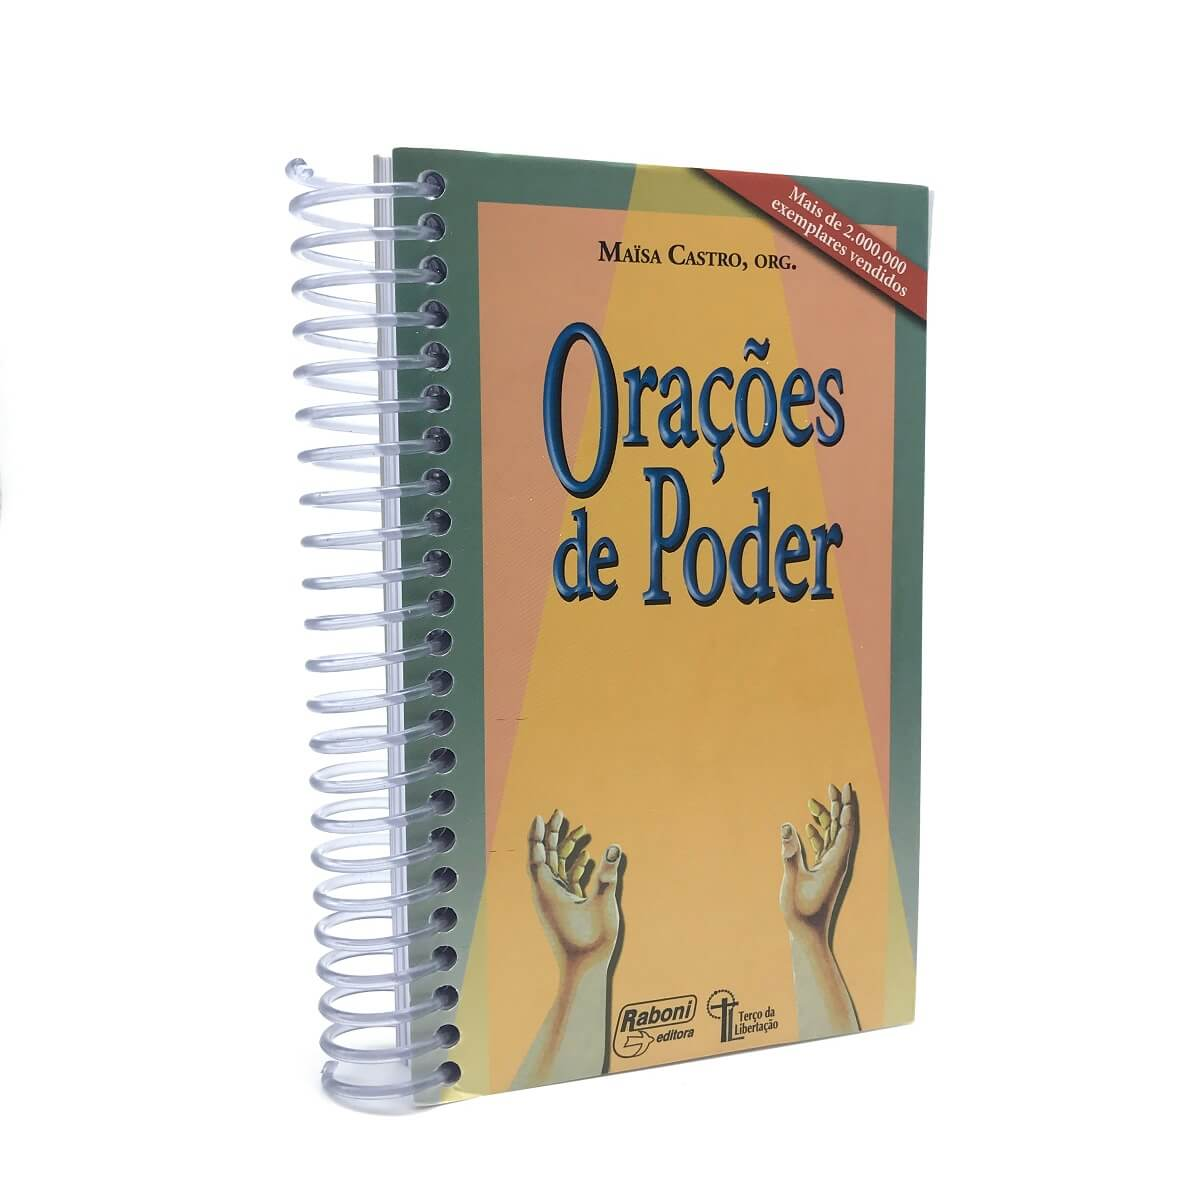 Livro Orações de Poder I - Maisa Castro (Espiral)